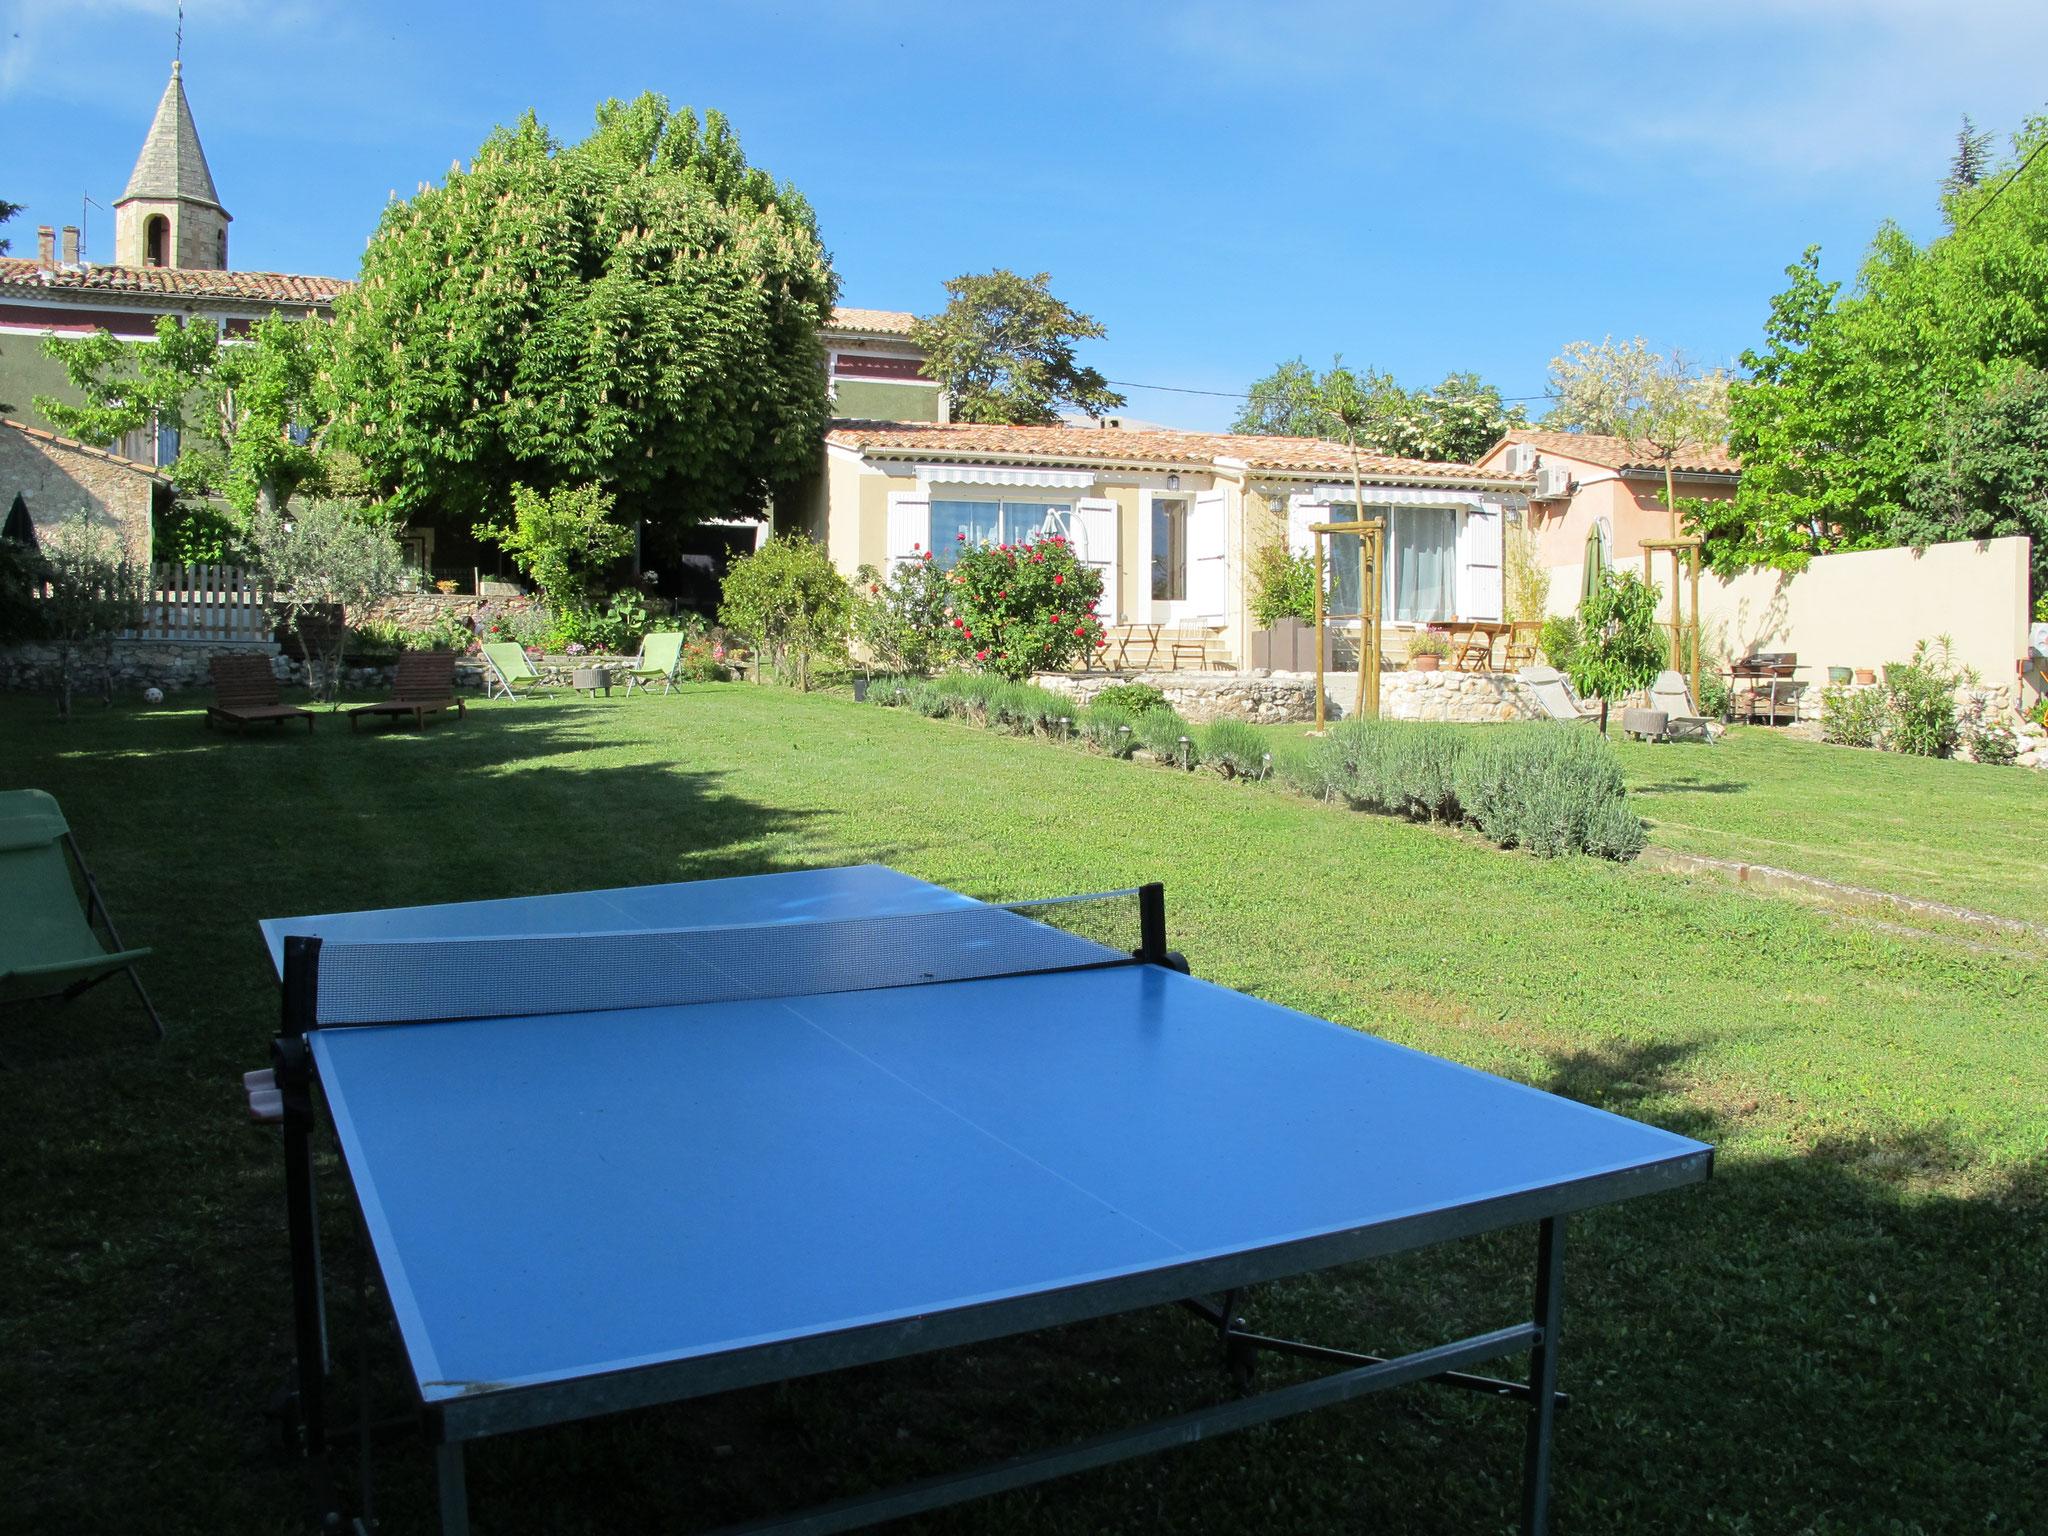 loucardaline-bedoin-ventoux-chambre d hotes-vaucluse-vacances-famille-ping pong-gite